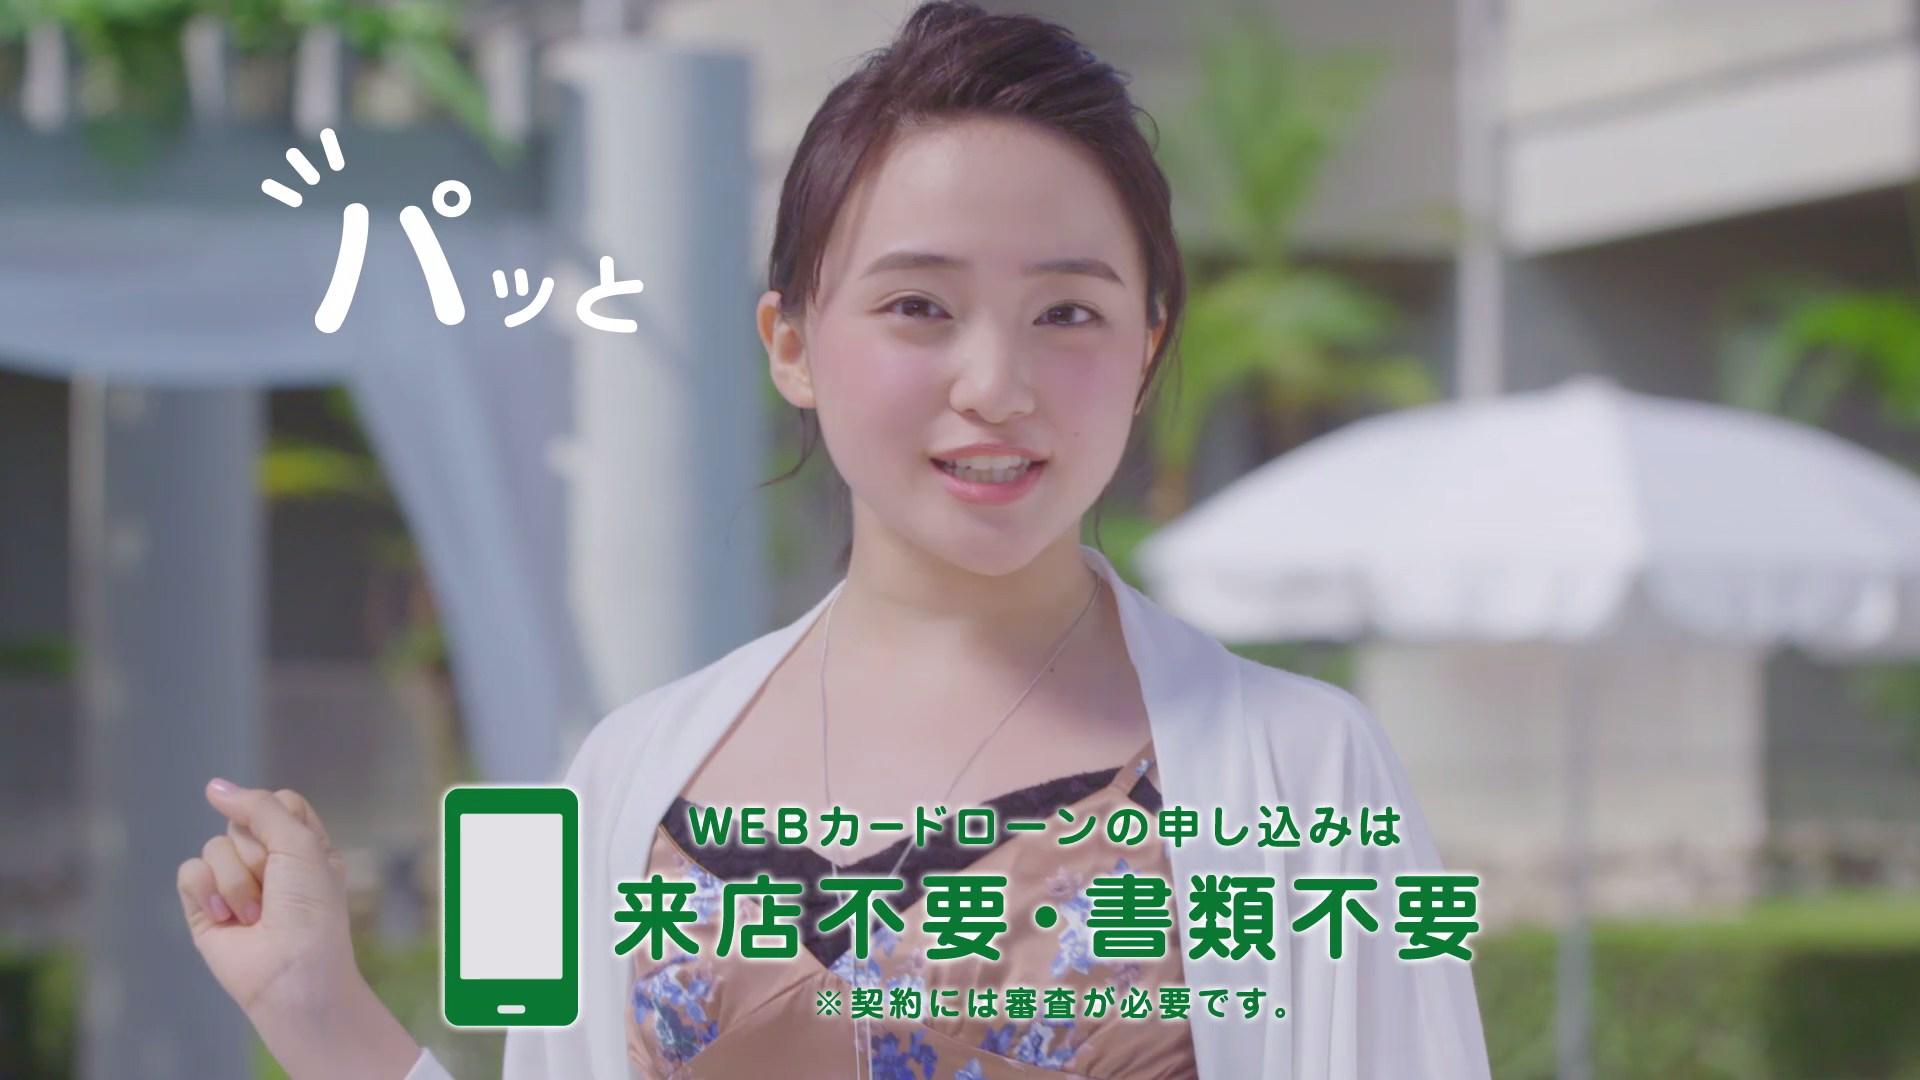 京都中央信用金庫 Webカードロー...